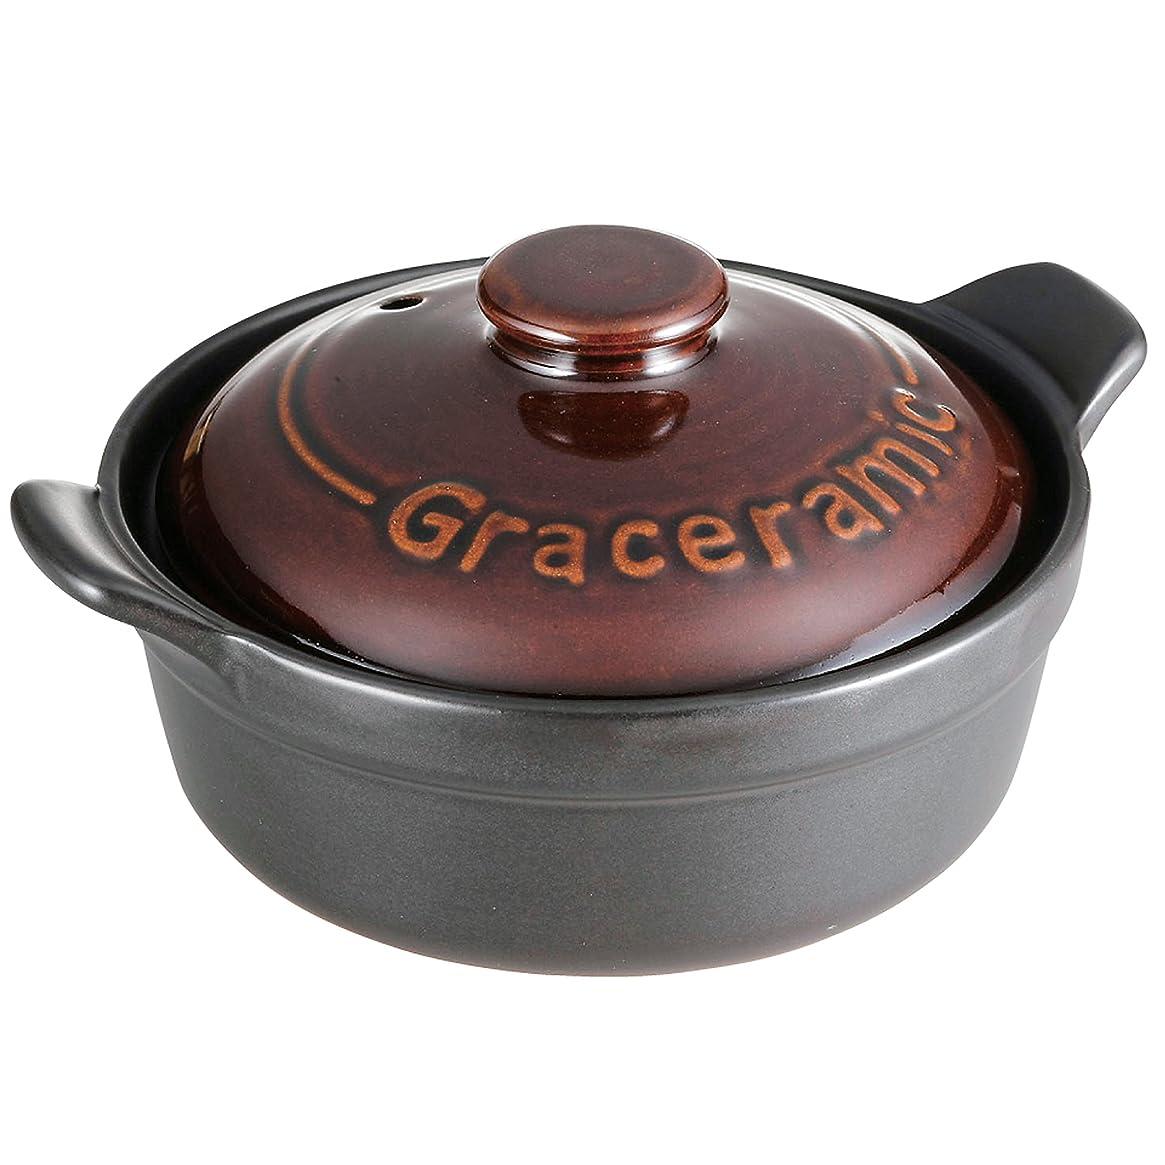 テープサンダースキュービックGracramic 直火 調理 OK 耐熱 陶器 グレイスラミック 陶製 洋風 土鍋 直径約 17cm